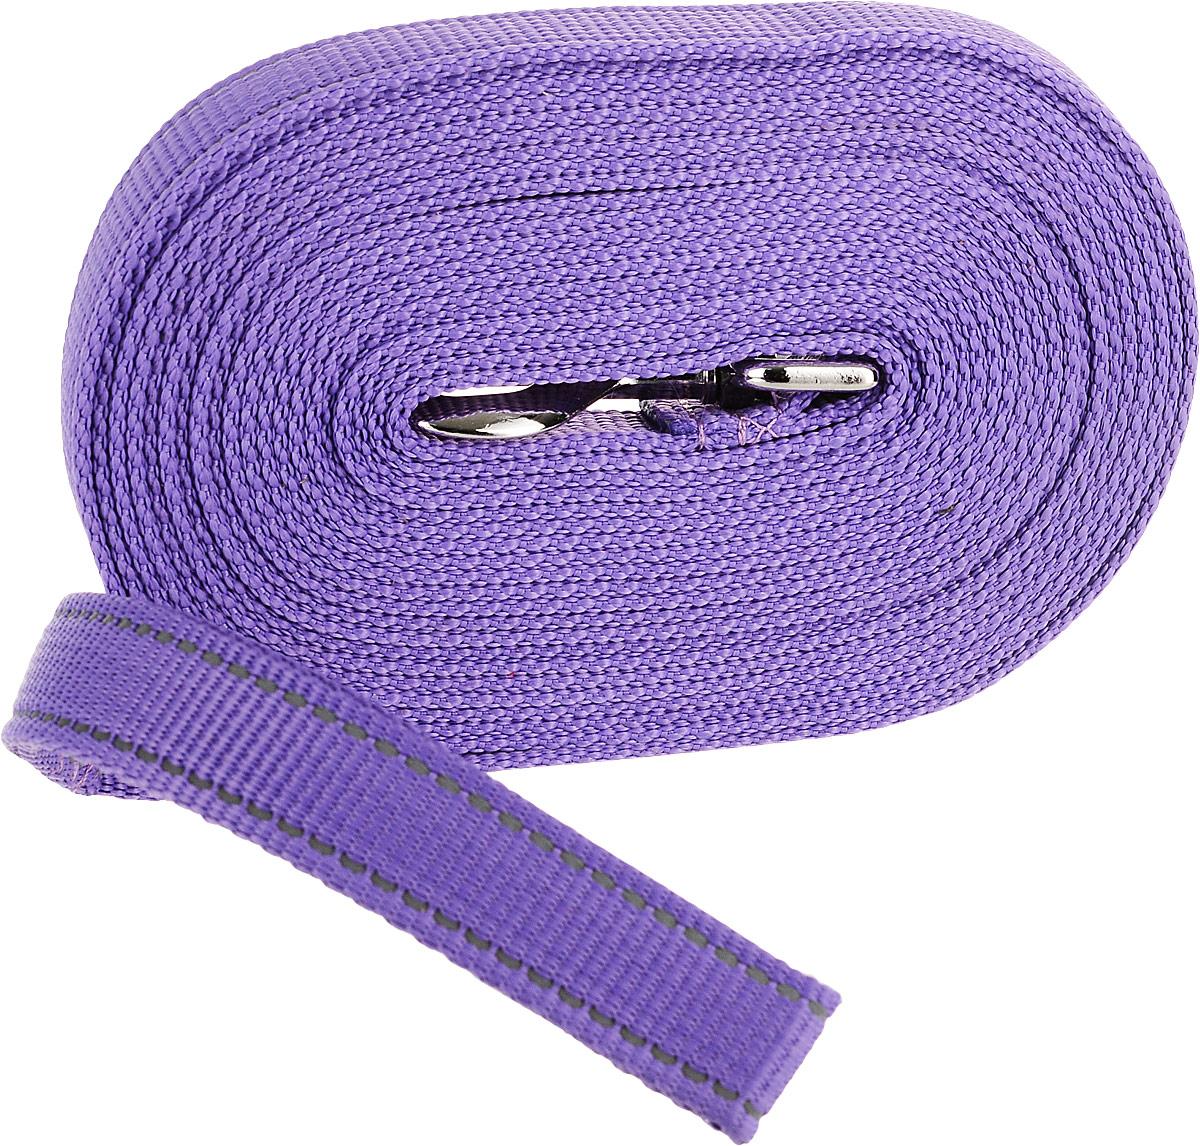 Поводок капроновый для собак Аркон, цвет: фиолетовый, ширина 2,5 см, длина 7 м комплект для животных аркон техно цвет оранжевый белый 2 предмета кт37